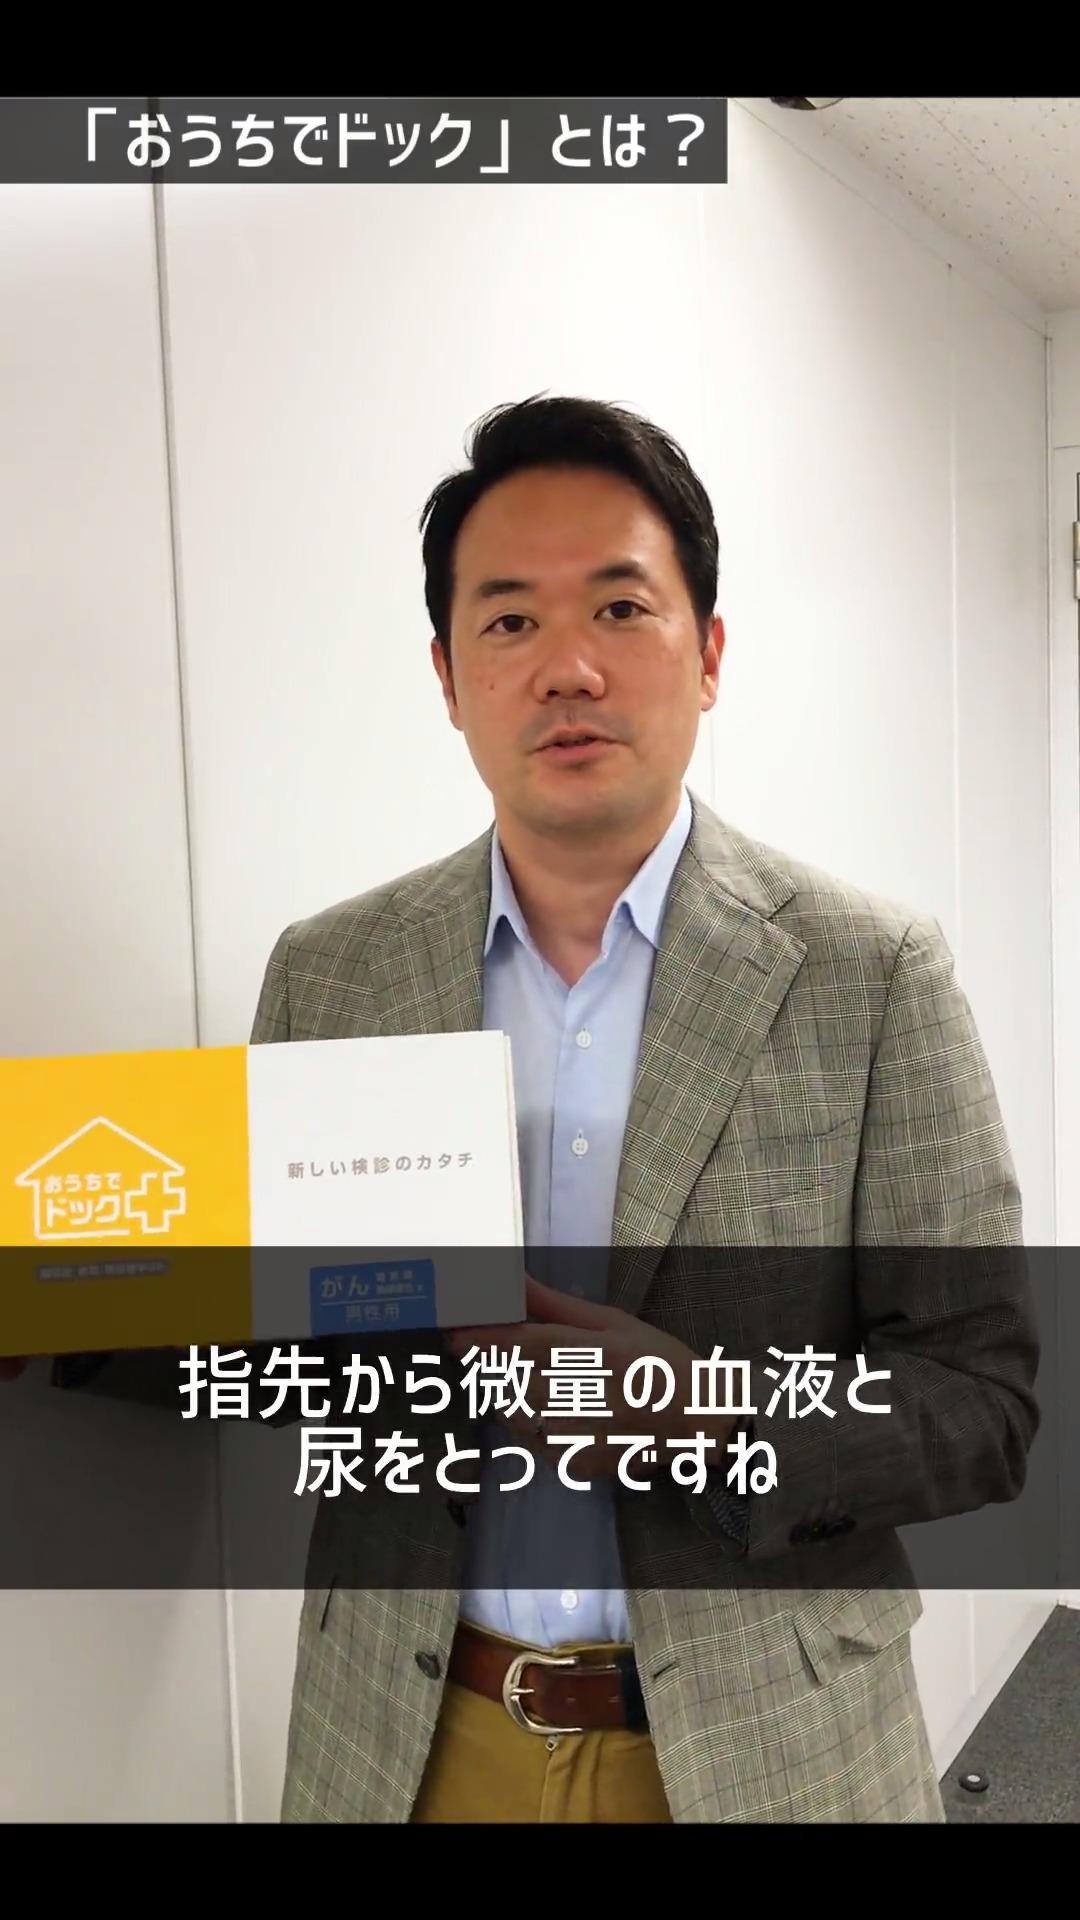 日本初、自宅で人間ドックが出来る「おうちでドック」とは?/【採用動画】